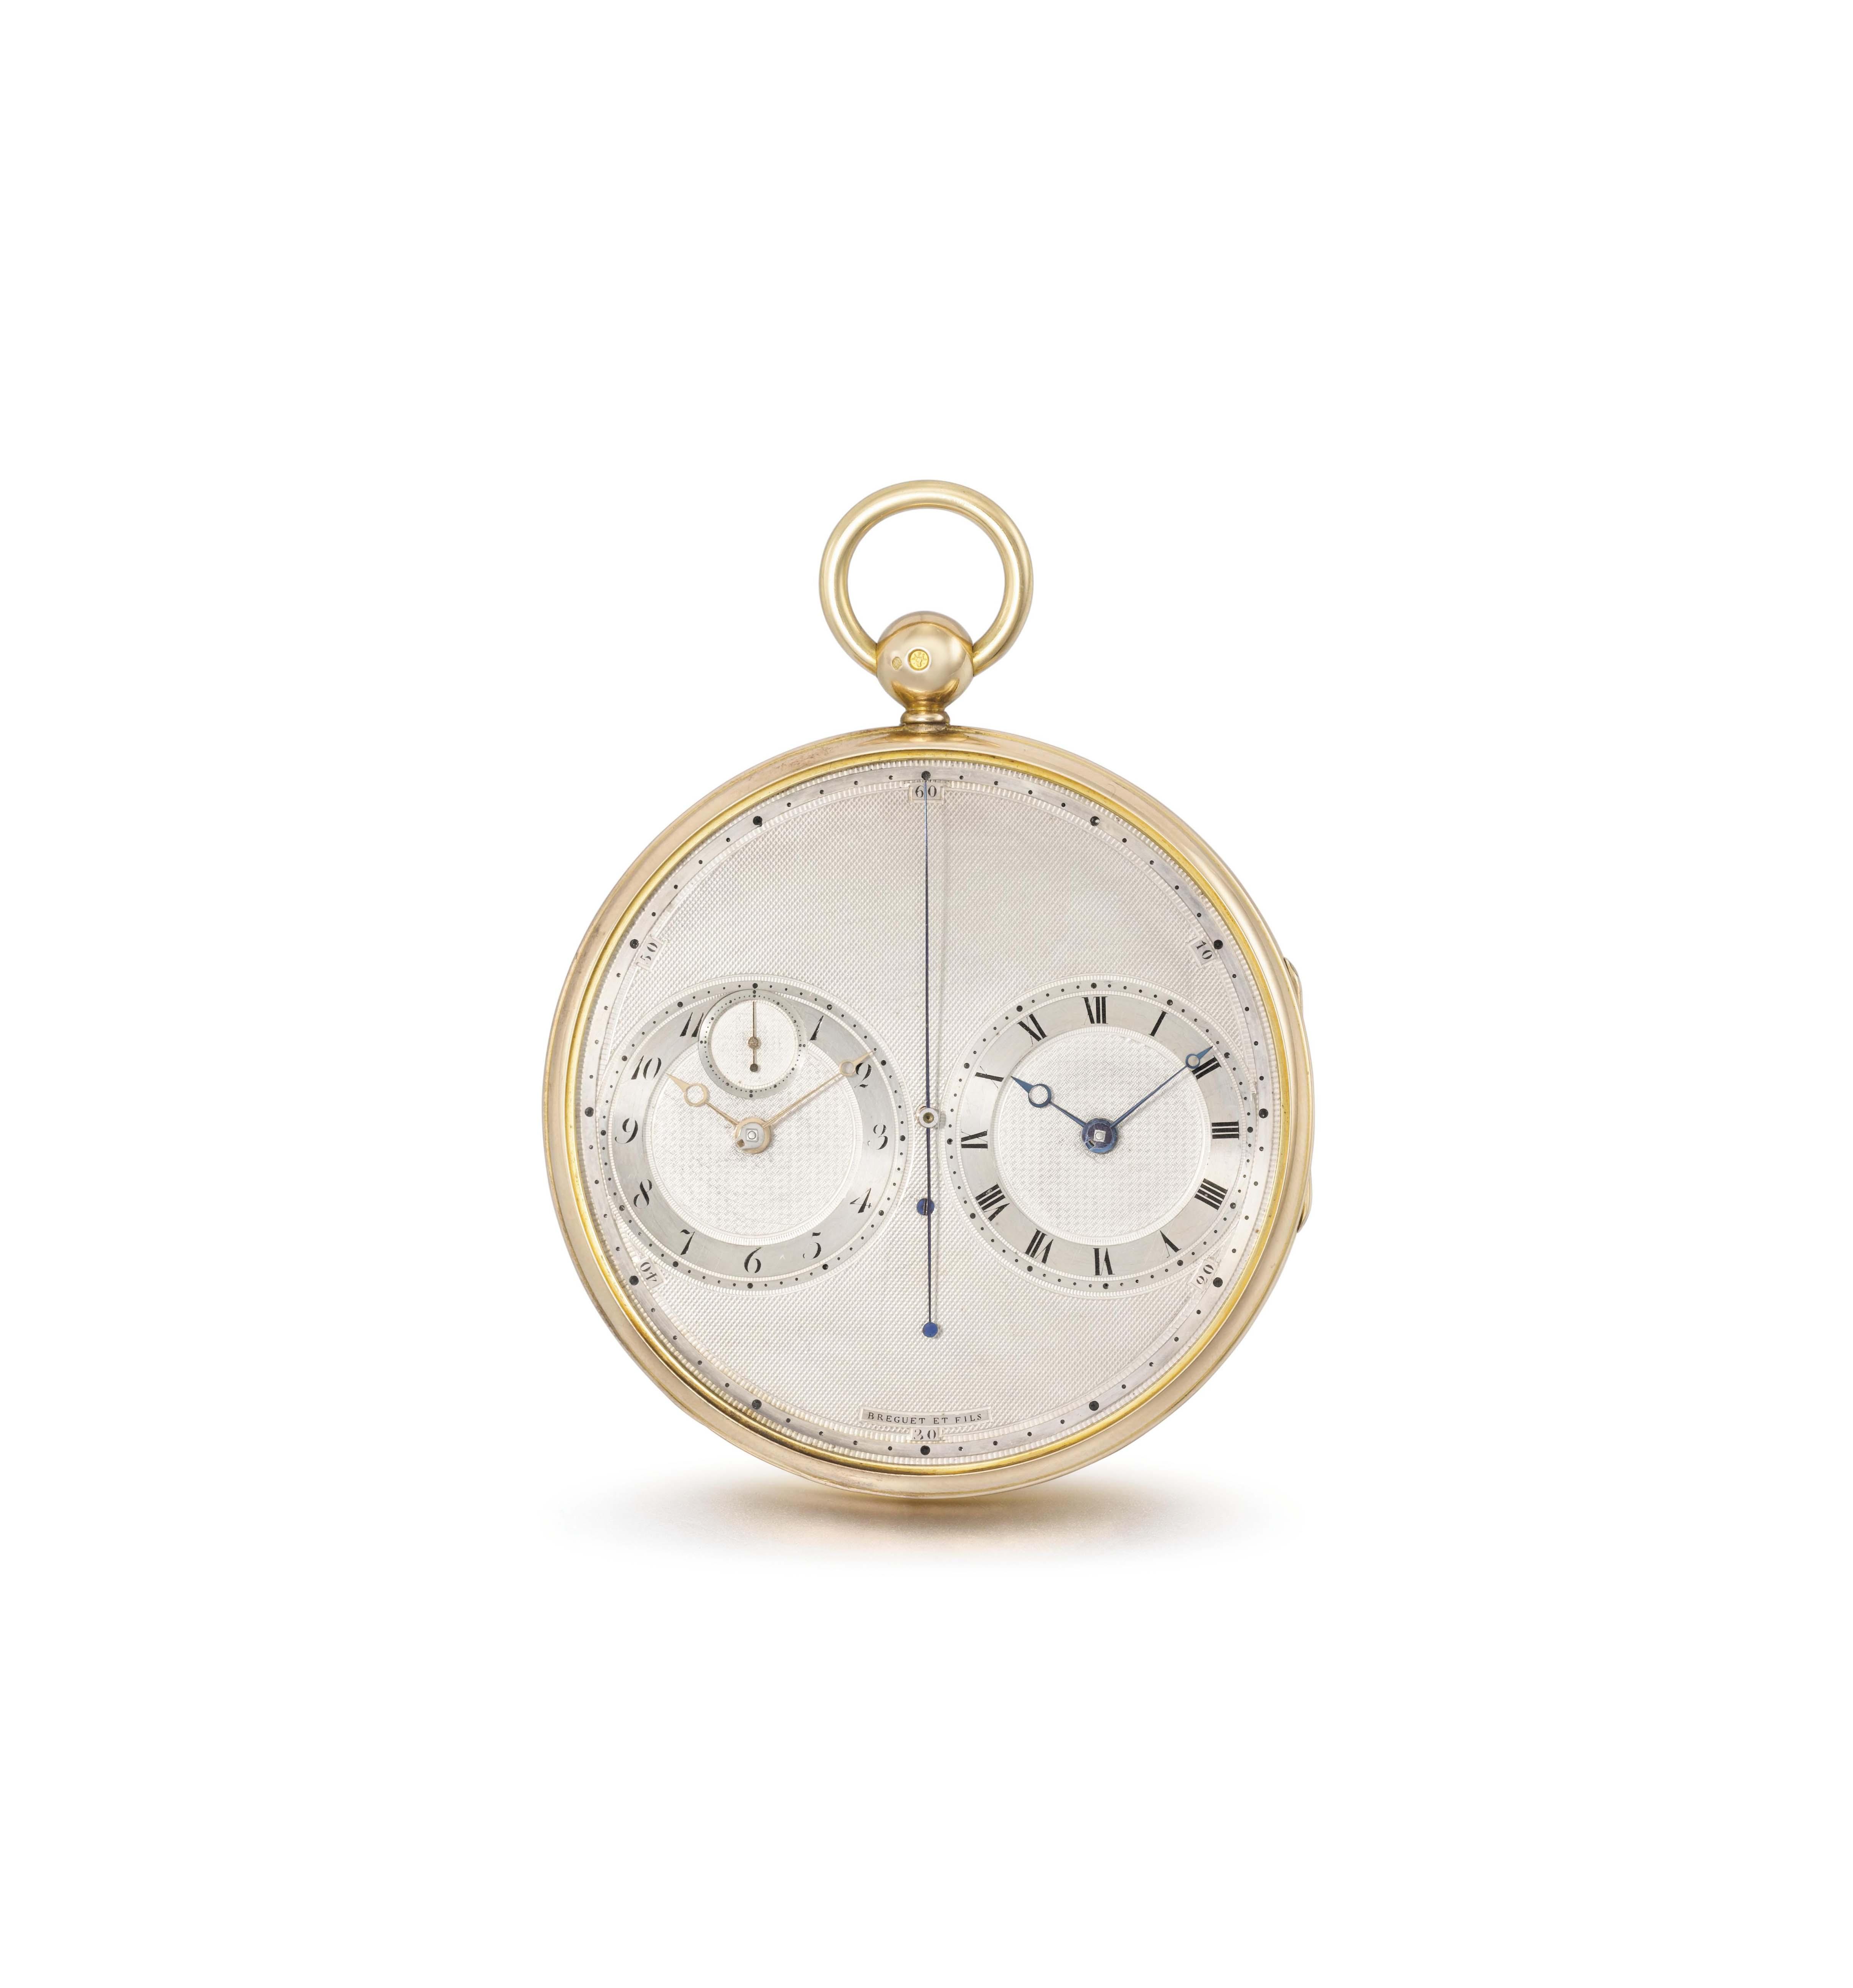 """Breguet & Fils, Paris, No. 2667 """"Montre plate à deux mouvements, sur le principe des chronomètres"""". An extremely rare and exceptionally fine and elegant 18K gold precision watch with two movements"""